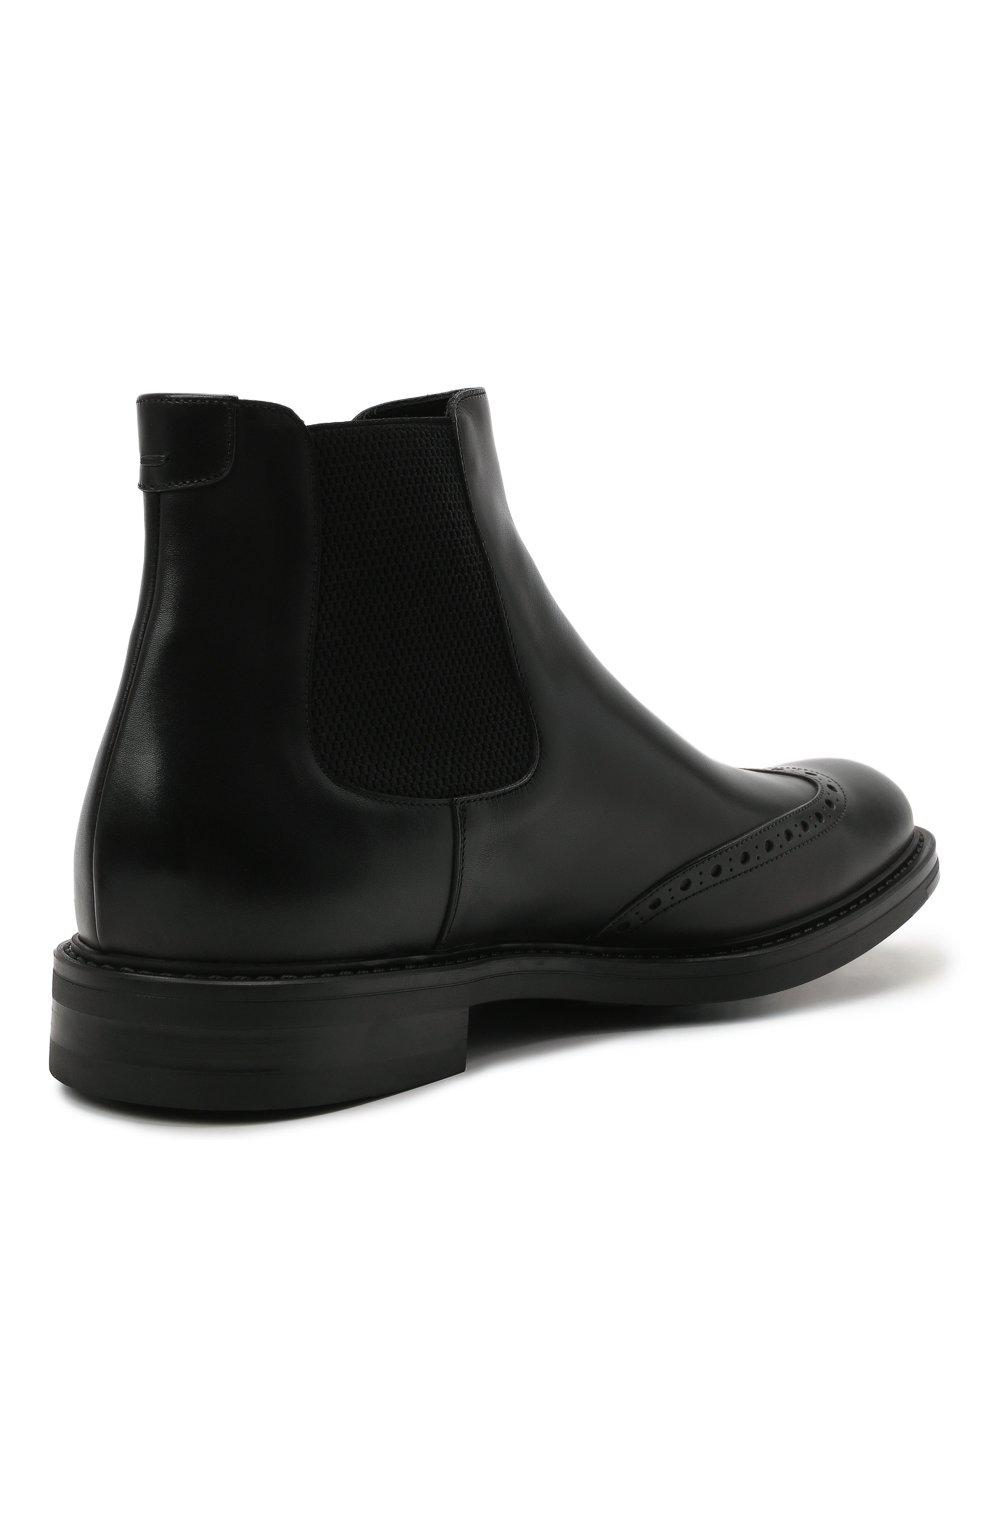 Мужские кожаные челси W.GIBBS черного цвета, арт. 3169016/0214 | Фото 4 (Материал внутренний: Натуральная кожа; Подошва: Плоская; Мужское Кросс-КТ: Сапоги-обувь, Челси-обувь)